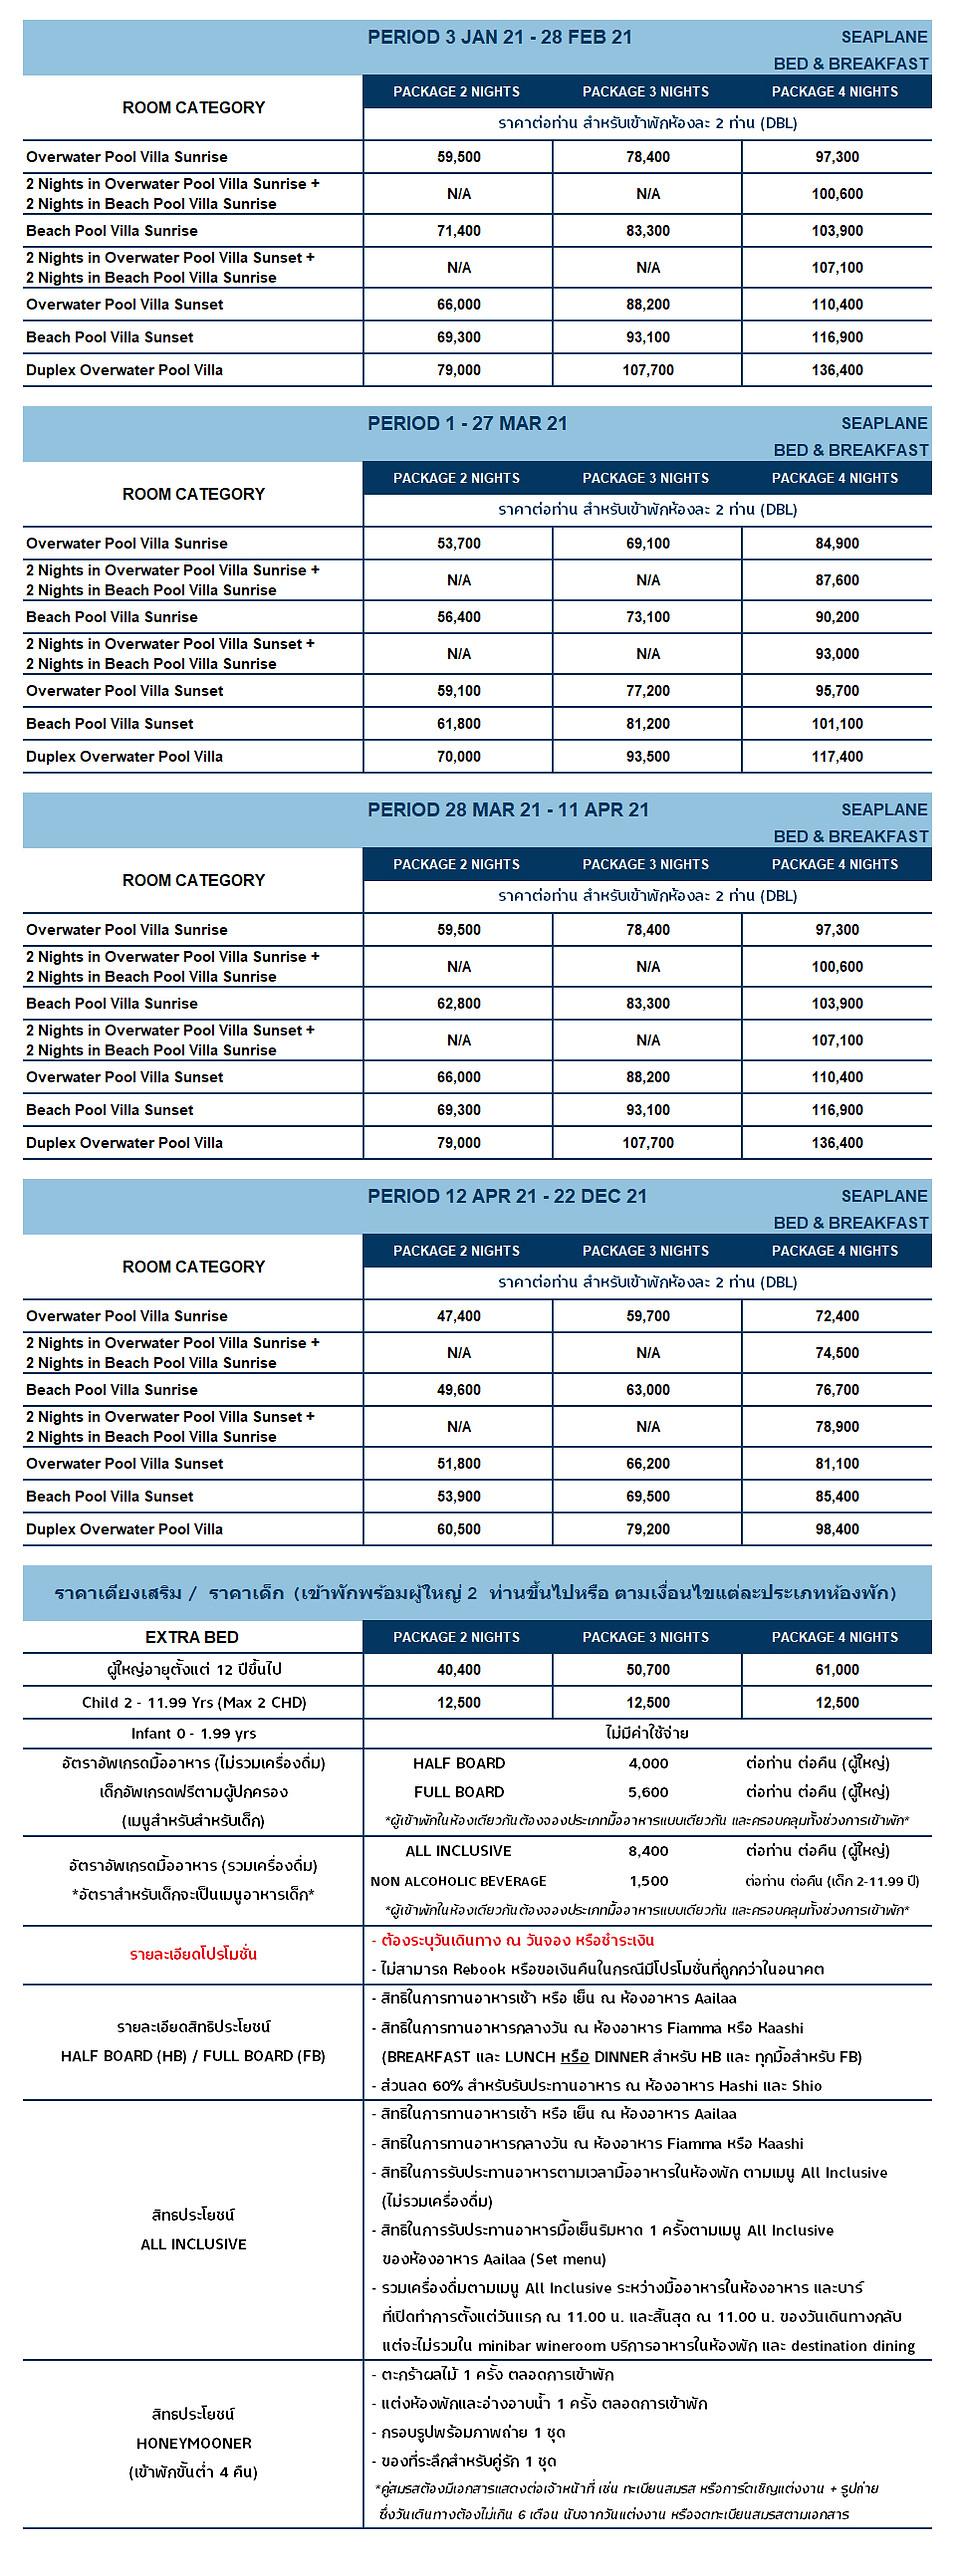 Meeru Resort ราคามีลู่ รีสอร์ทมัลดีฟส์